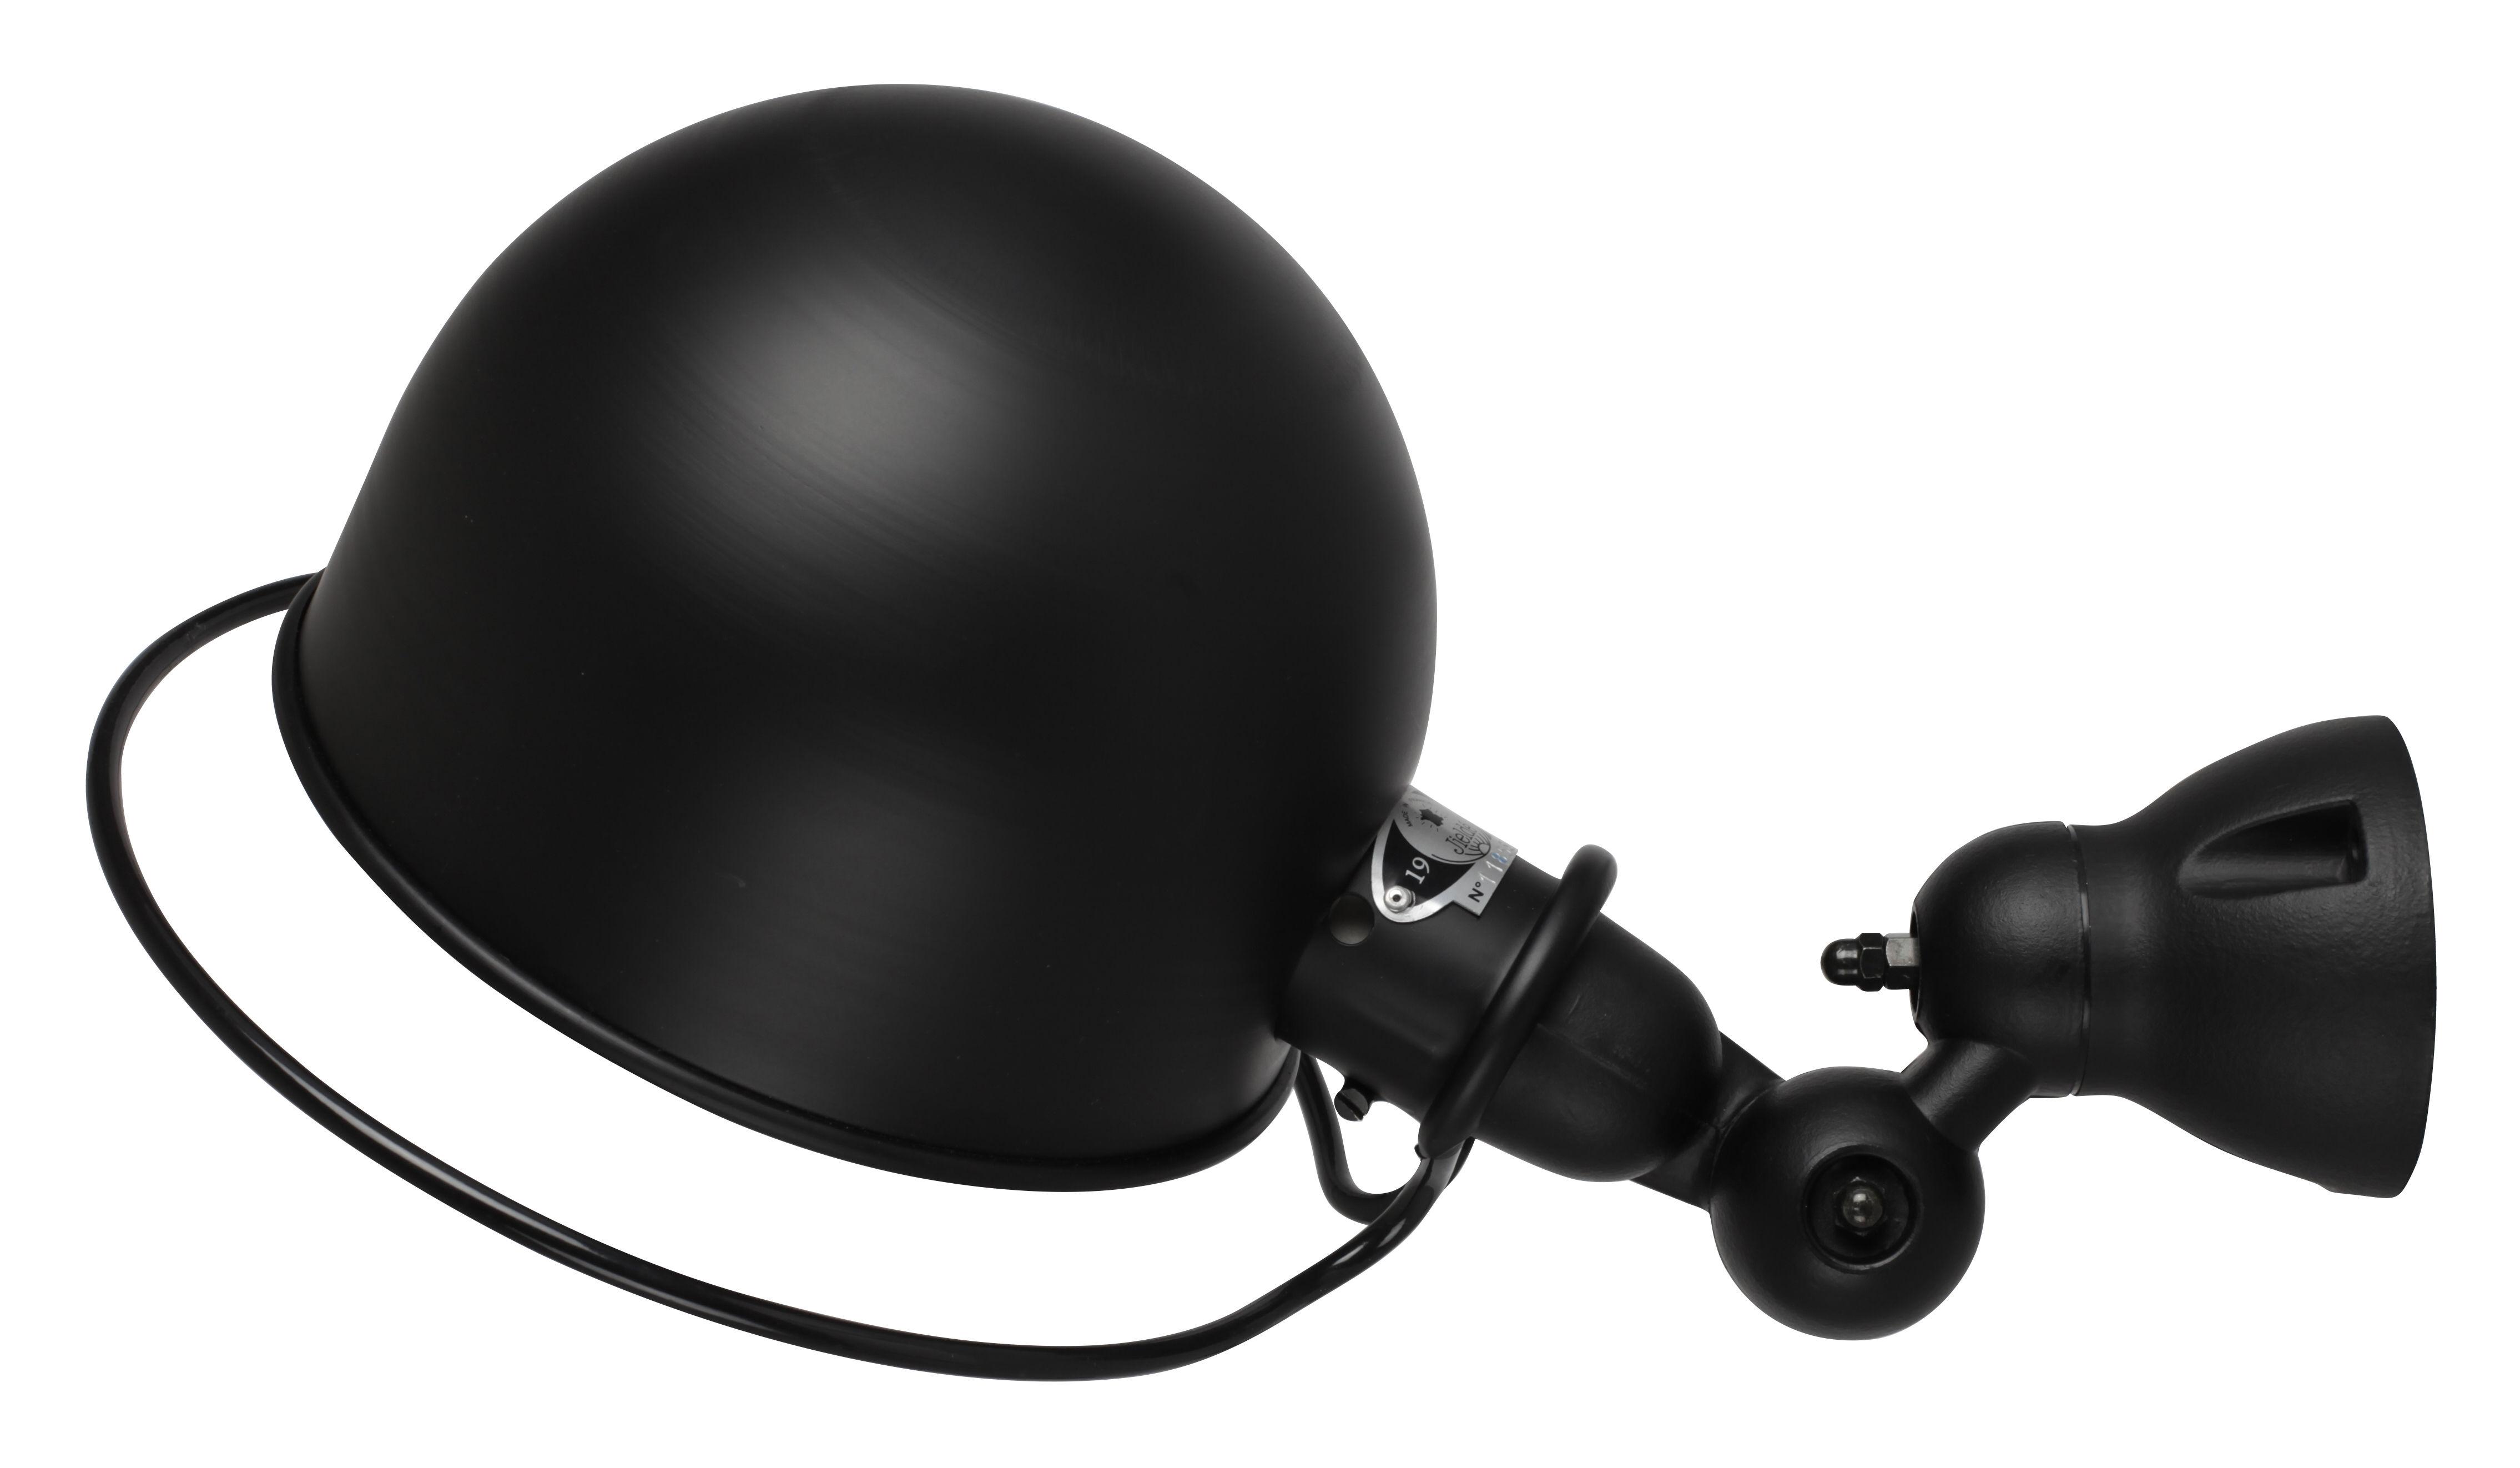 Luminaire - Appliques - Applique Loft Ø 20 cm - Jieldé - Noir mat - Acier inoxydable, Porcelaine